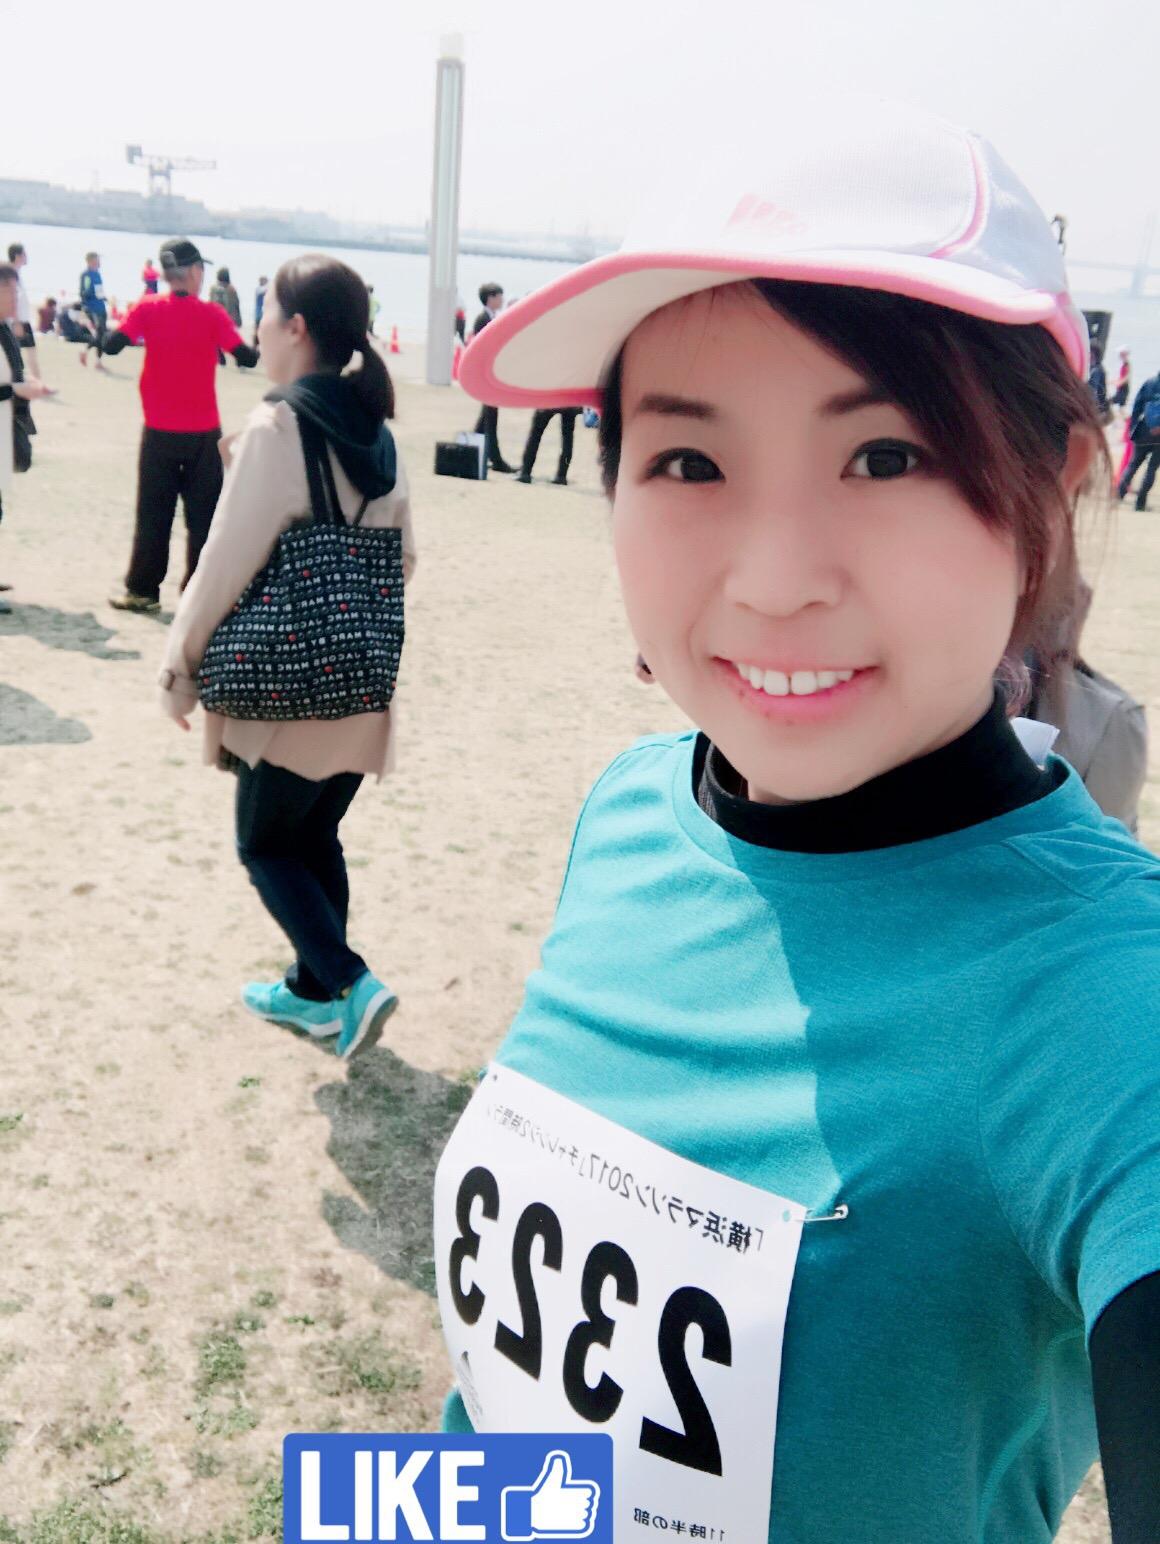 本日横浜マラソン申し込み開始!2時間で何周走れる?チャレンジ2時間ラン